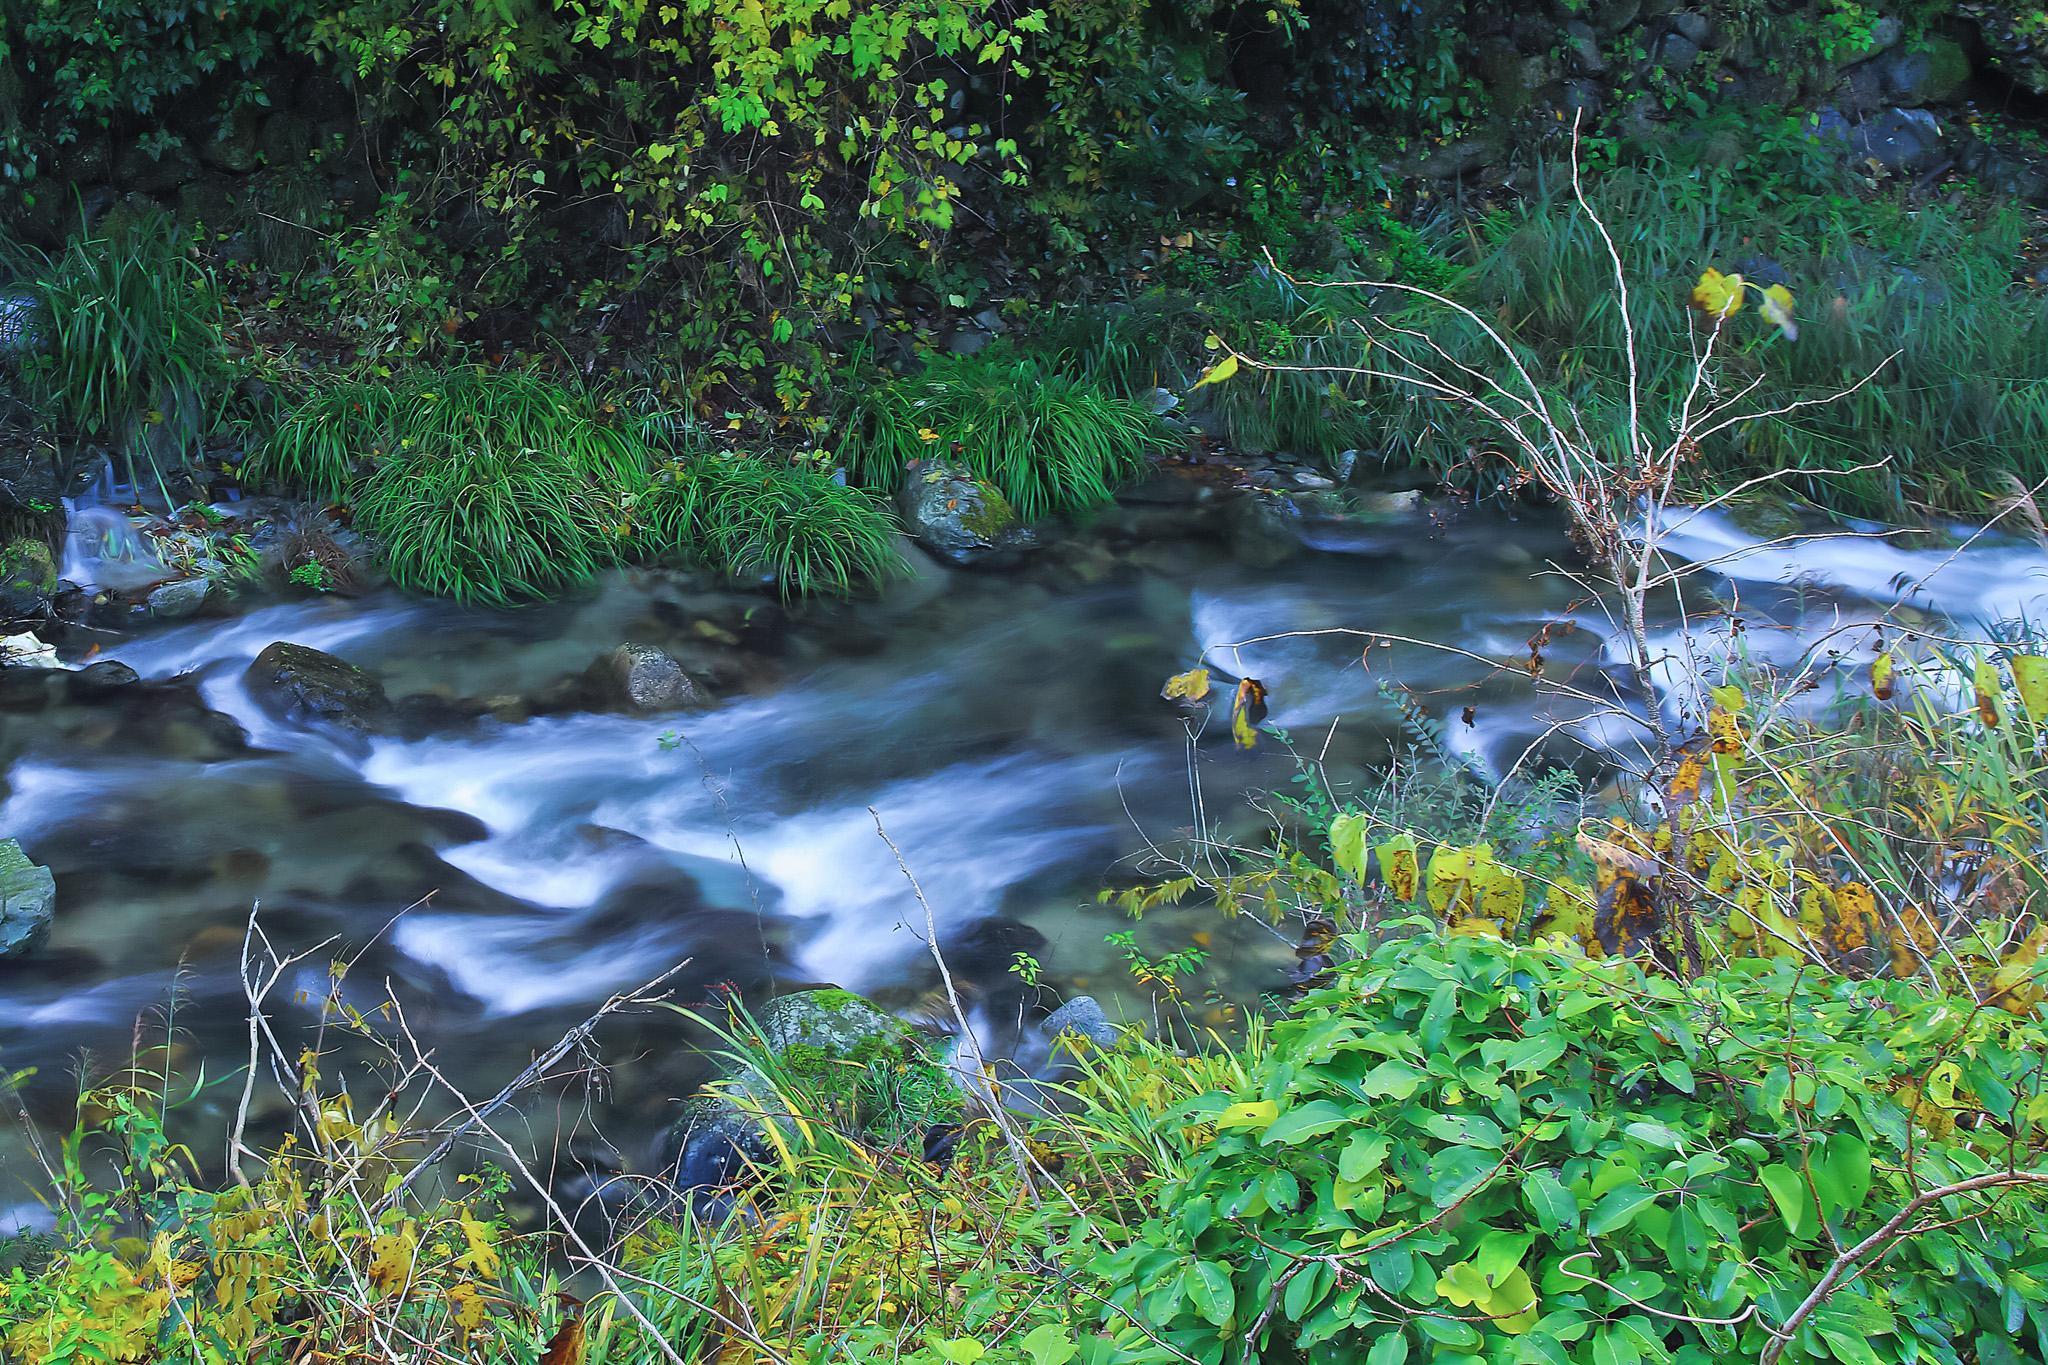 「綺麗な水が流れる小川」の画像を無料ダウンロード